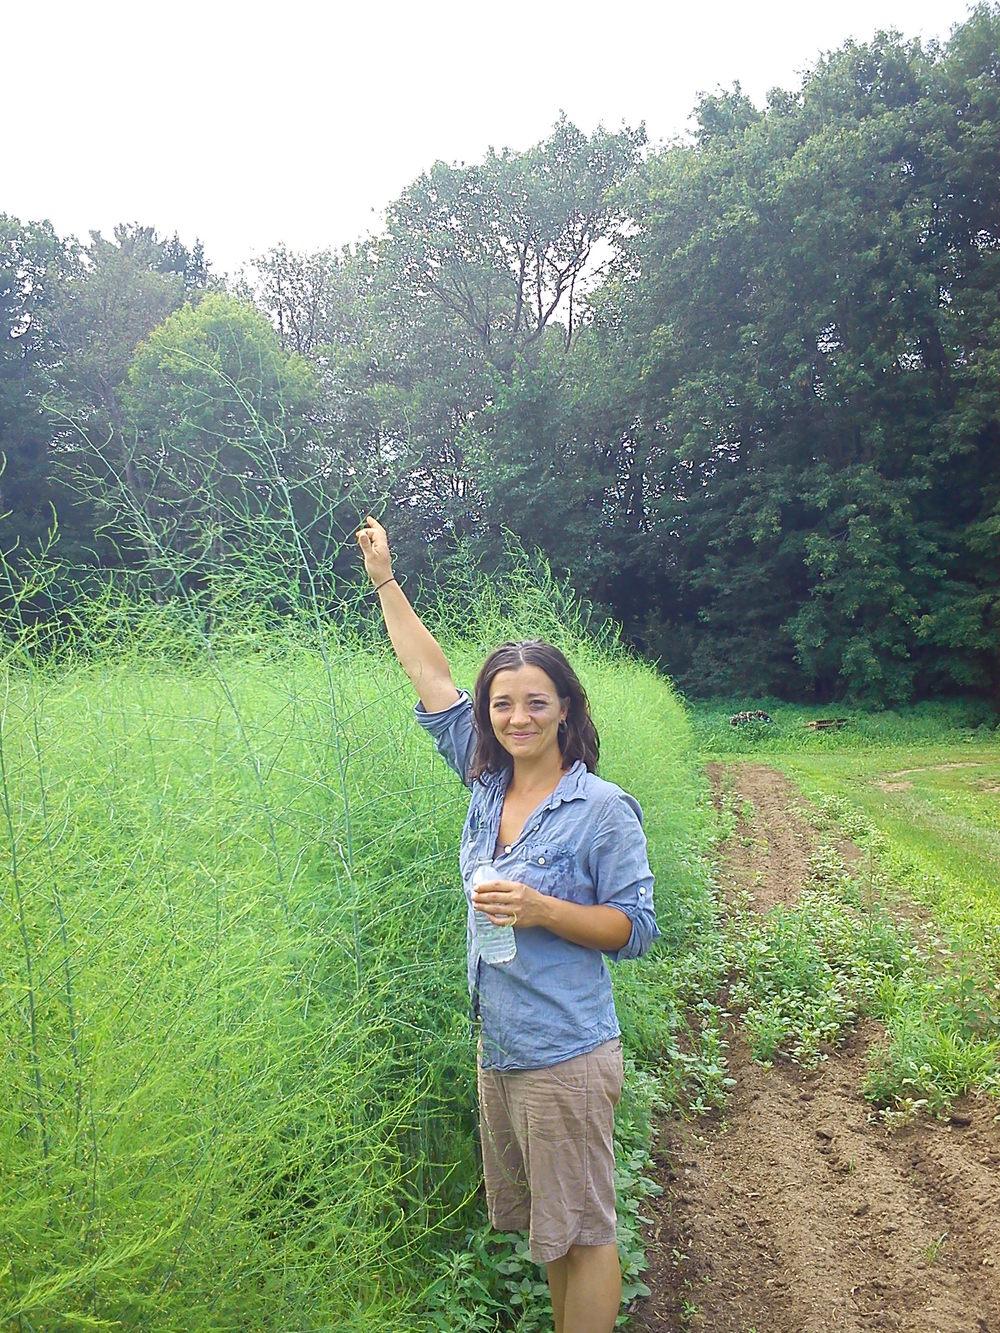 Kyra w big daddy asparagus 2.jpg